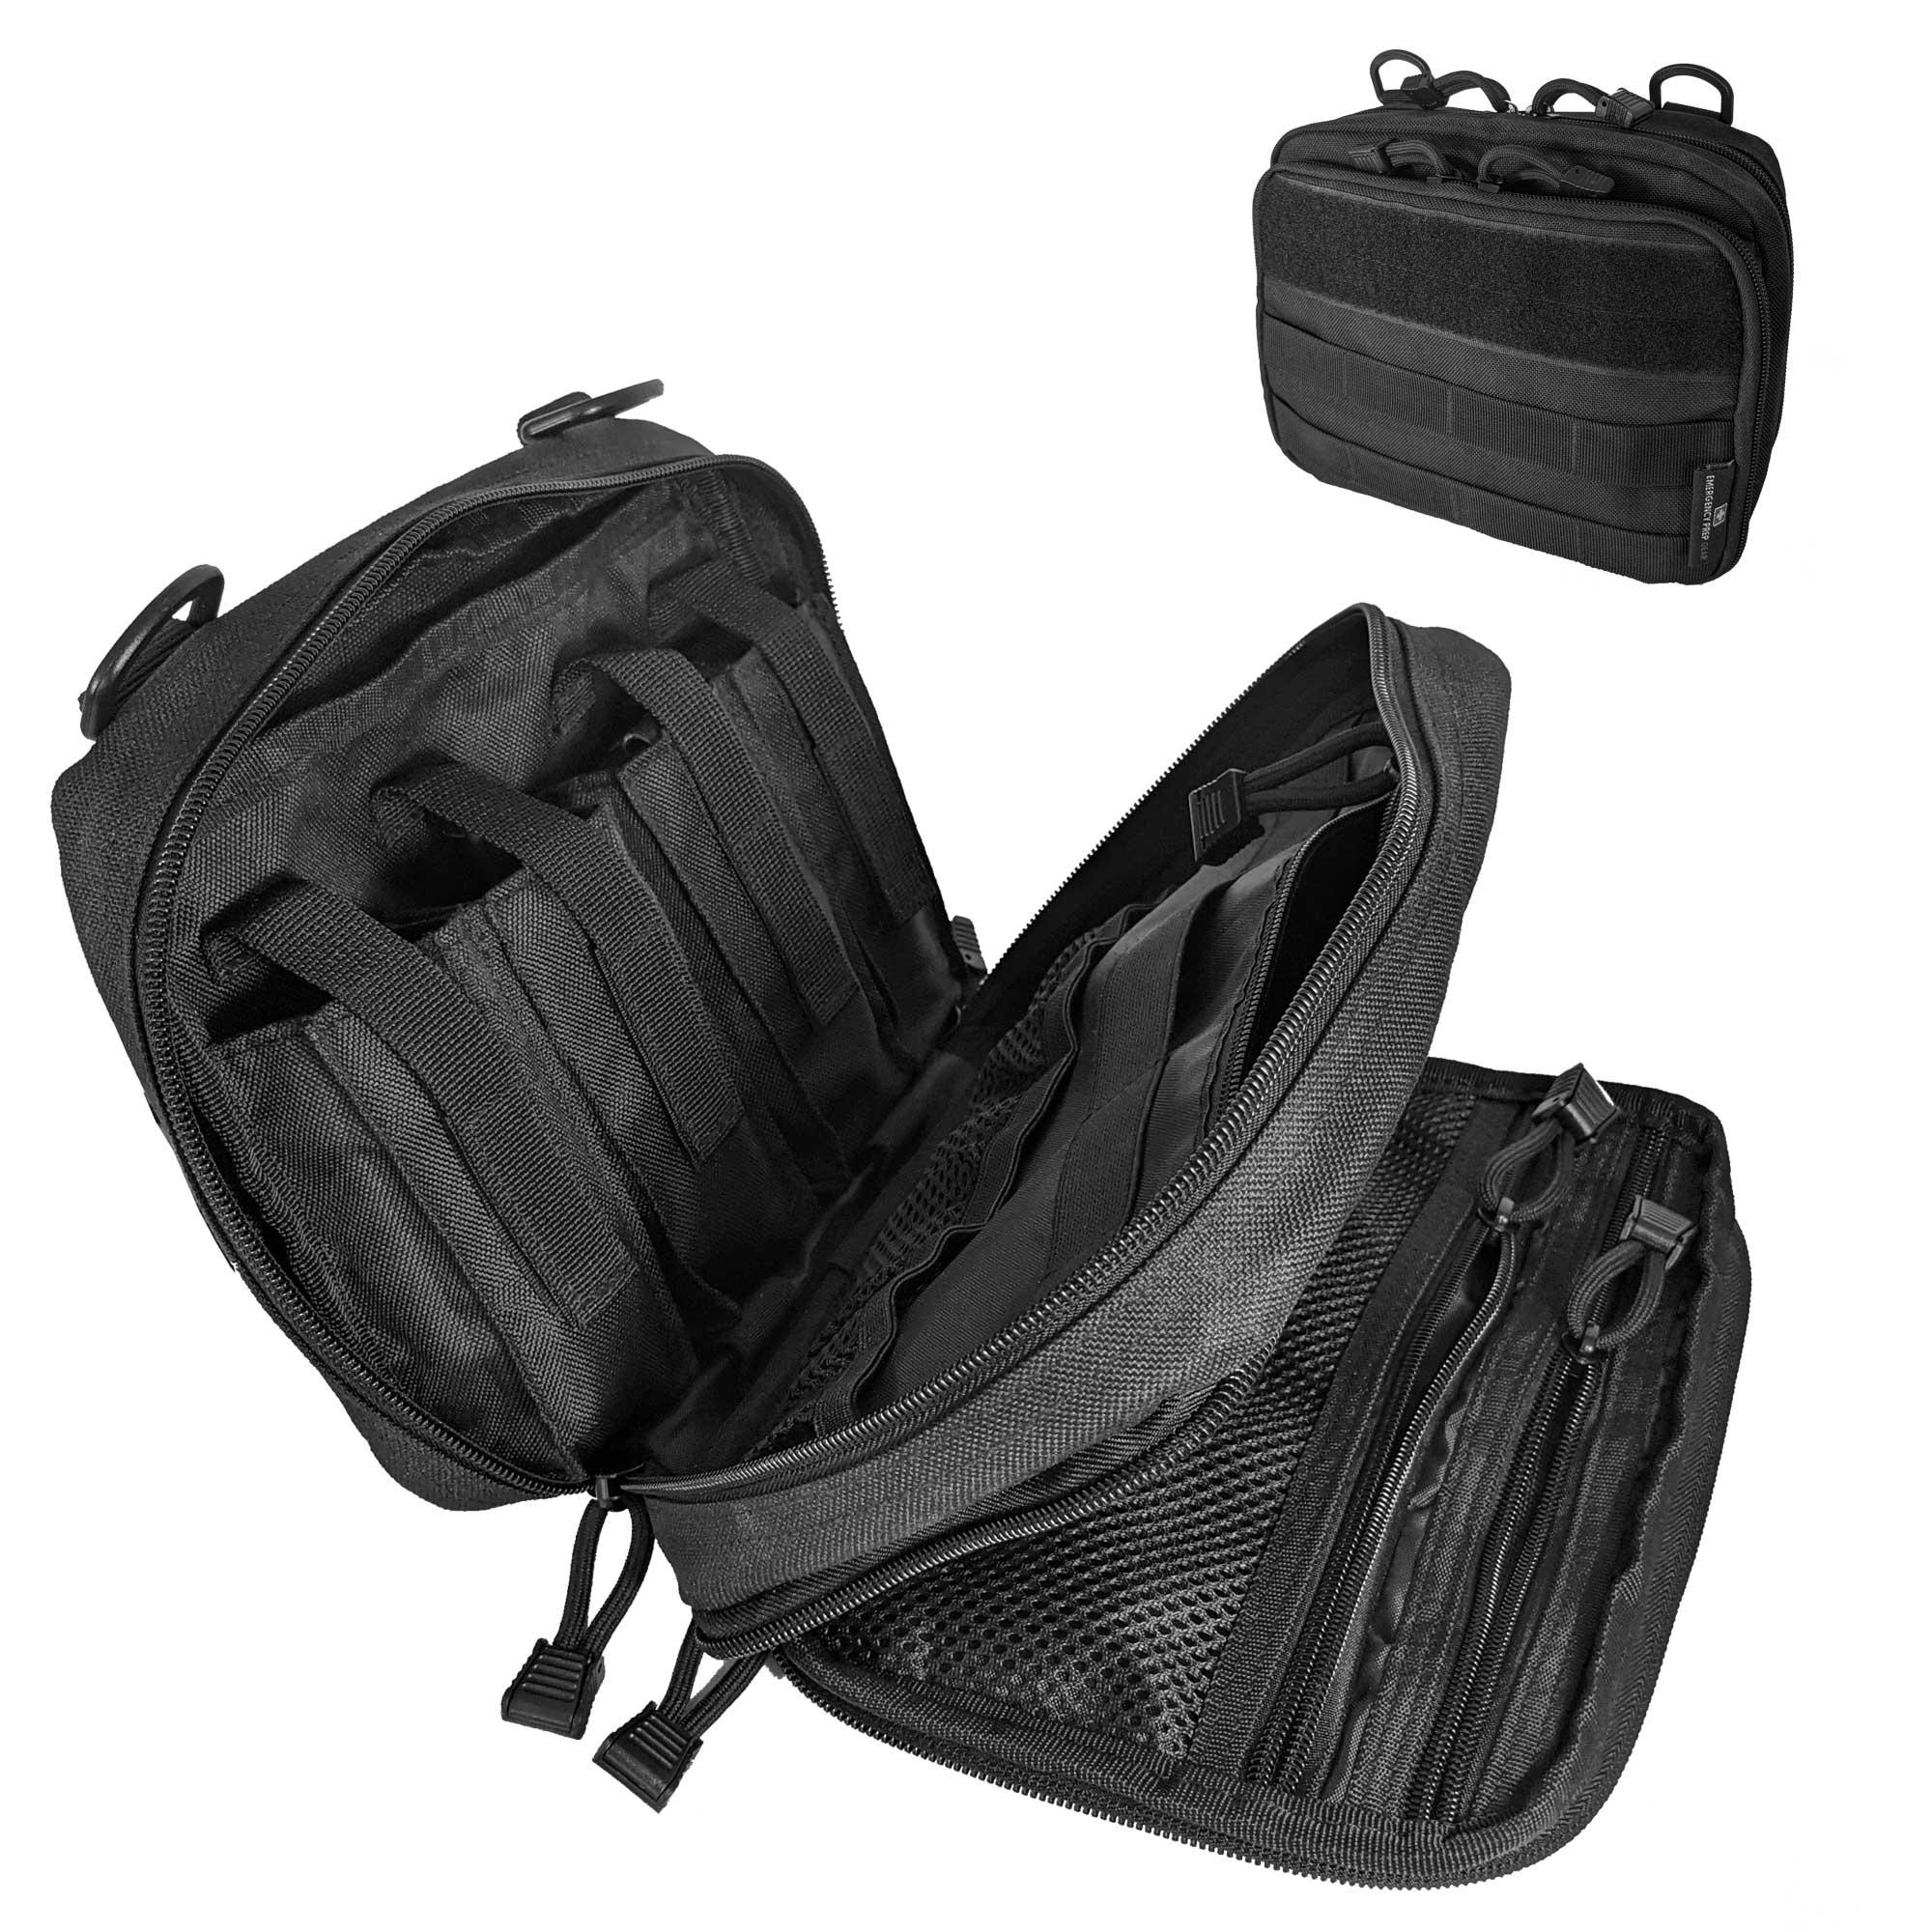 21 10 01 14 37 48 original b09dqz9vnl epg gear black main